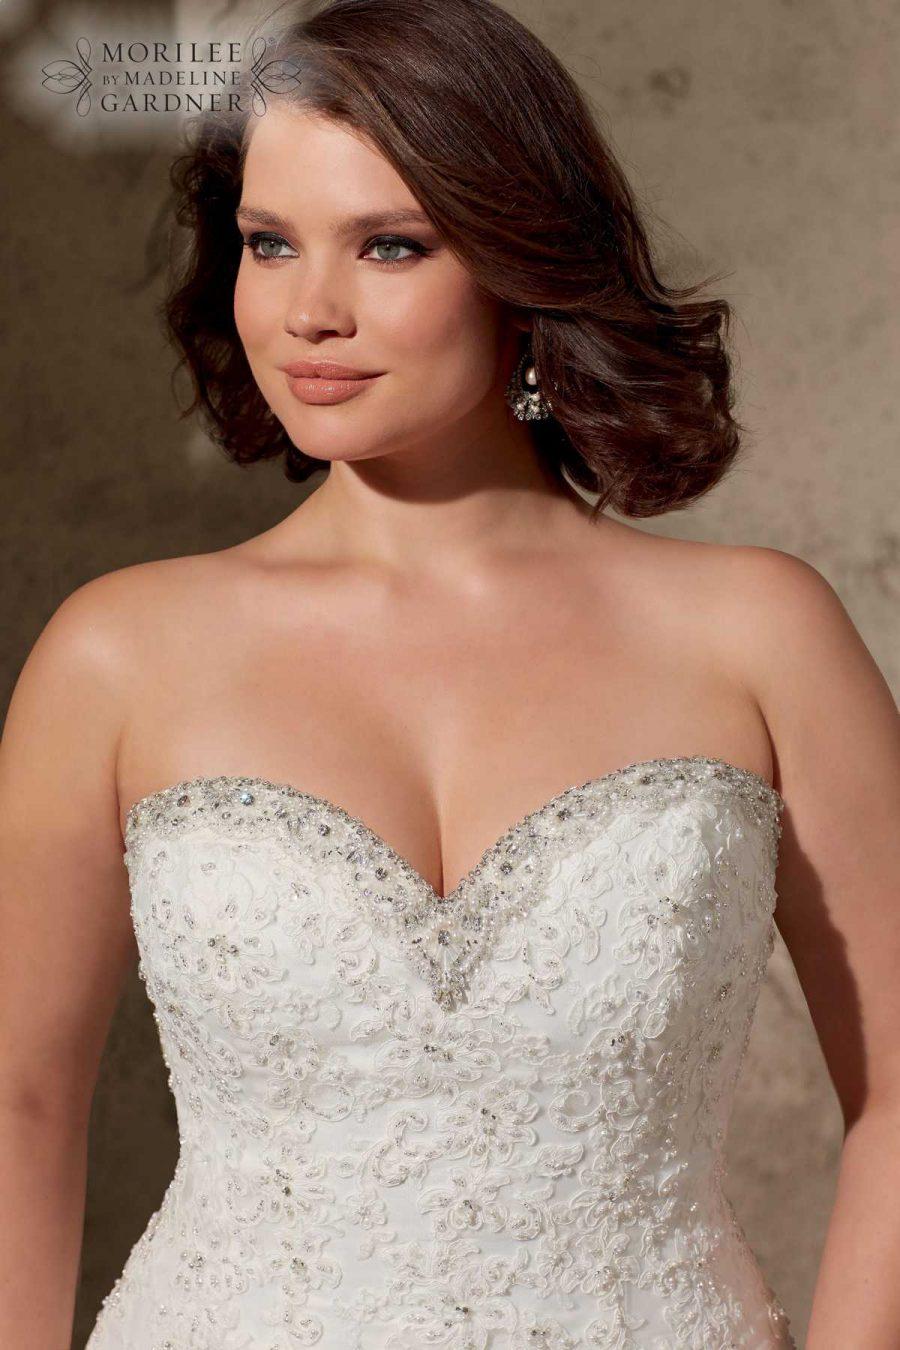 Viele Bilder von Brautkleider in große Größen, ab Kleidergröße 44